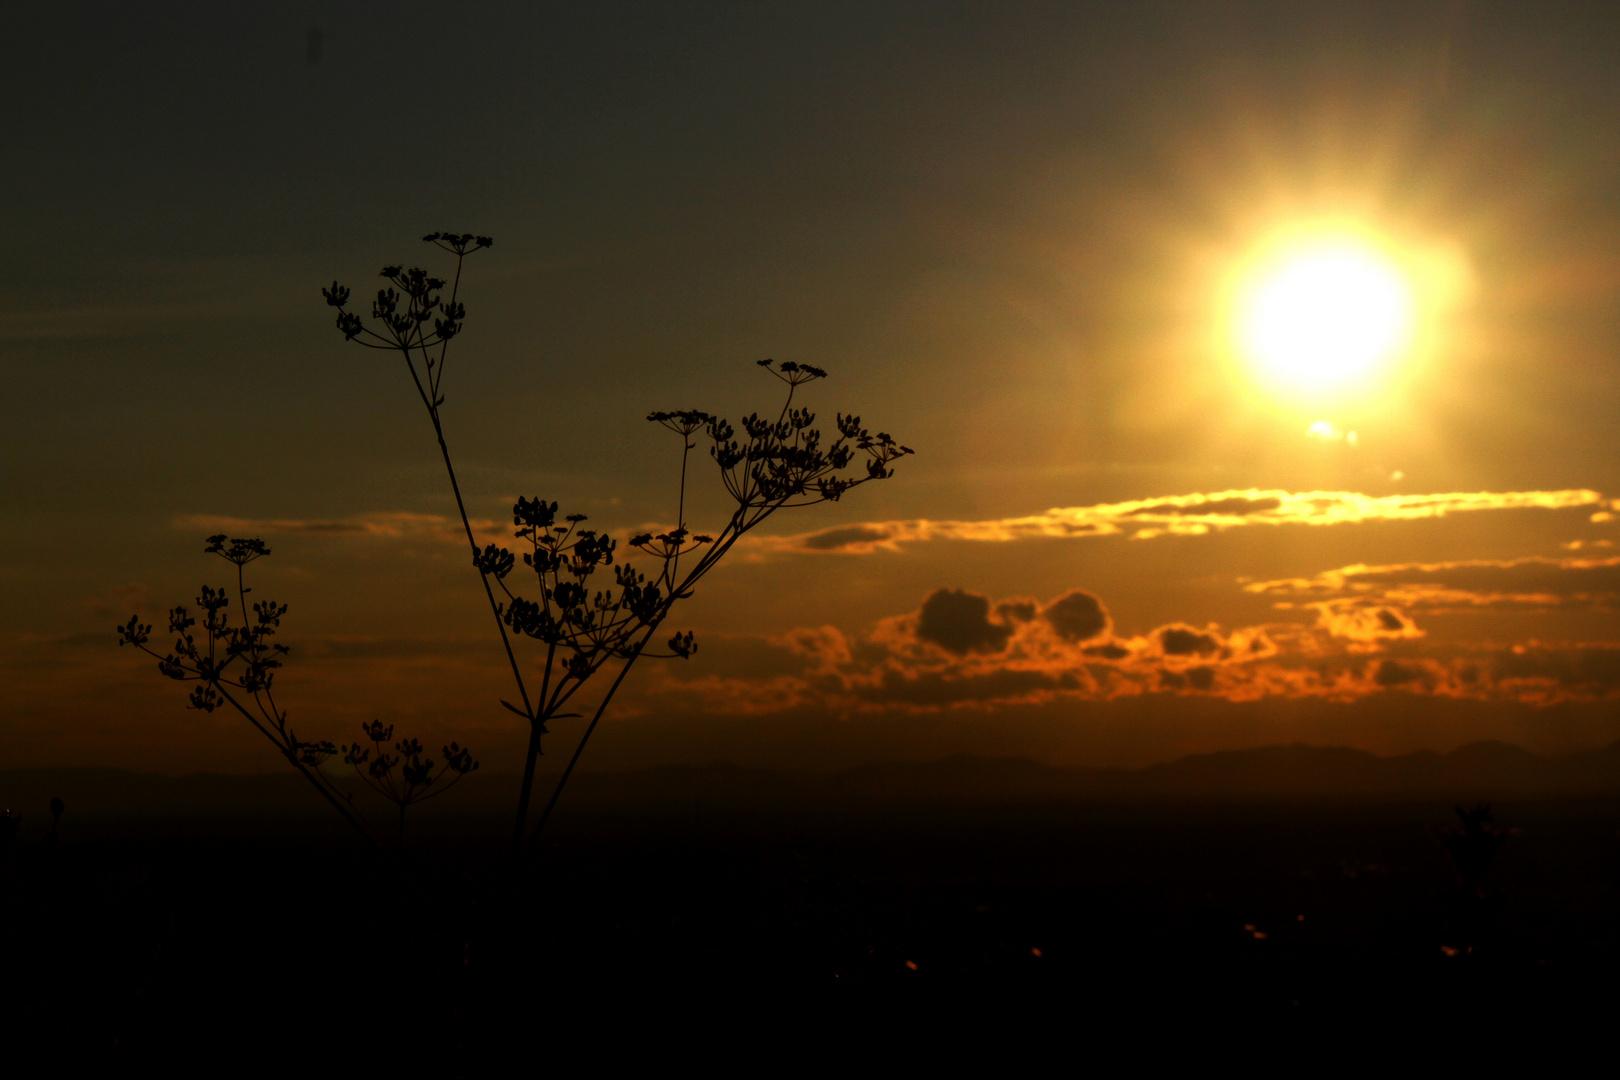 Der Himmel Küsst die Erde...